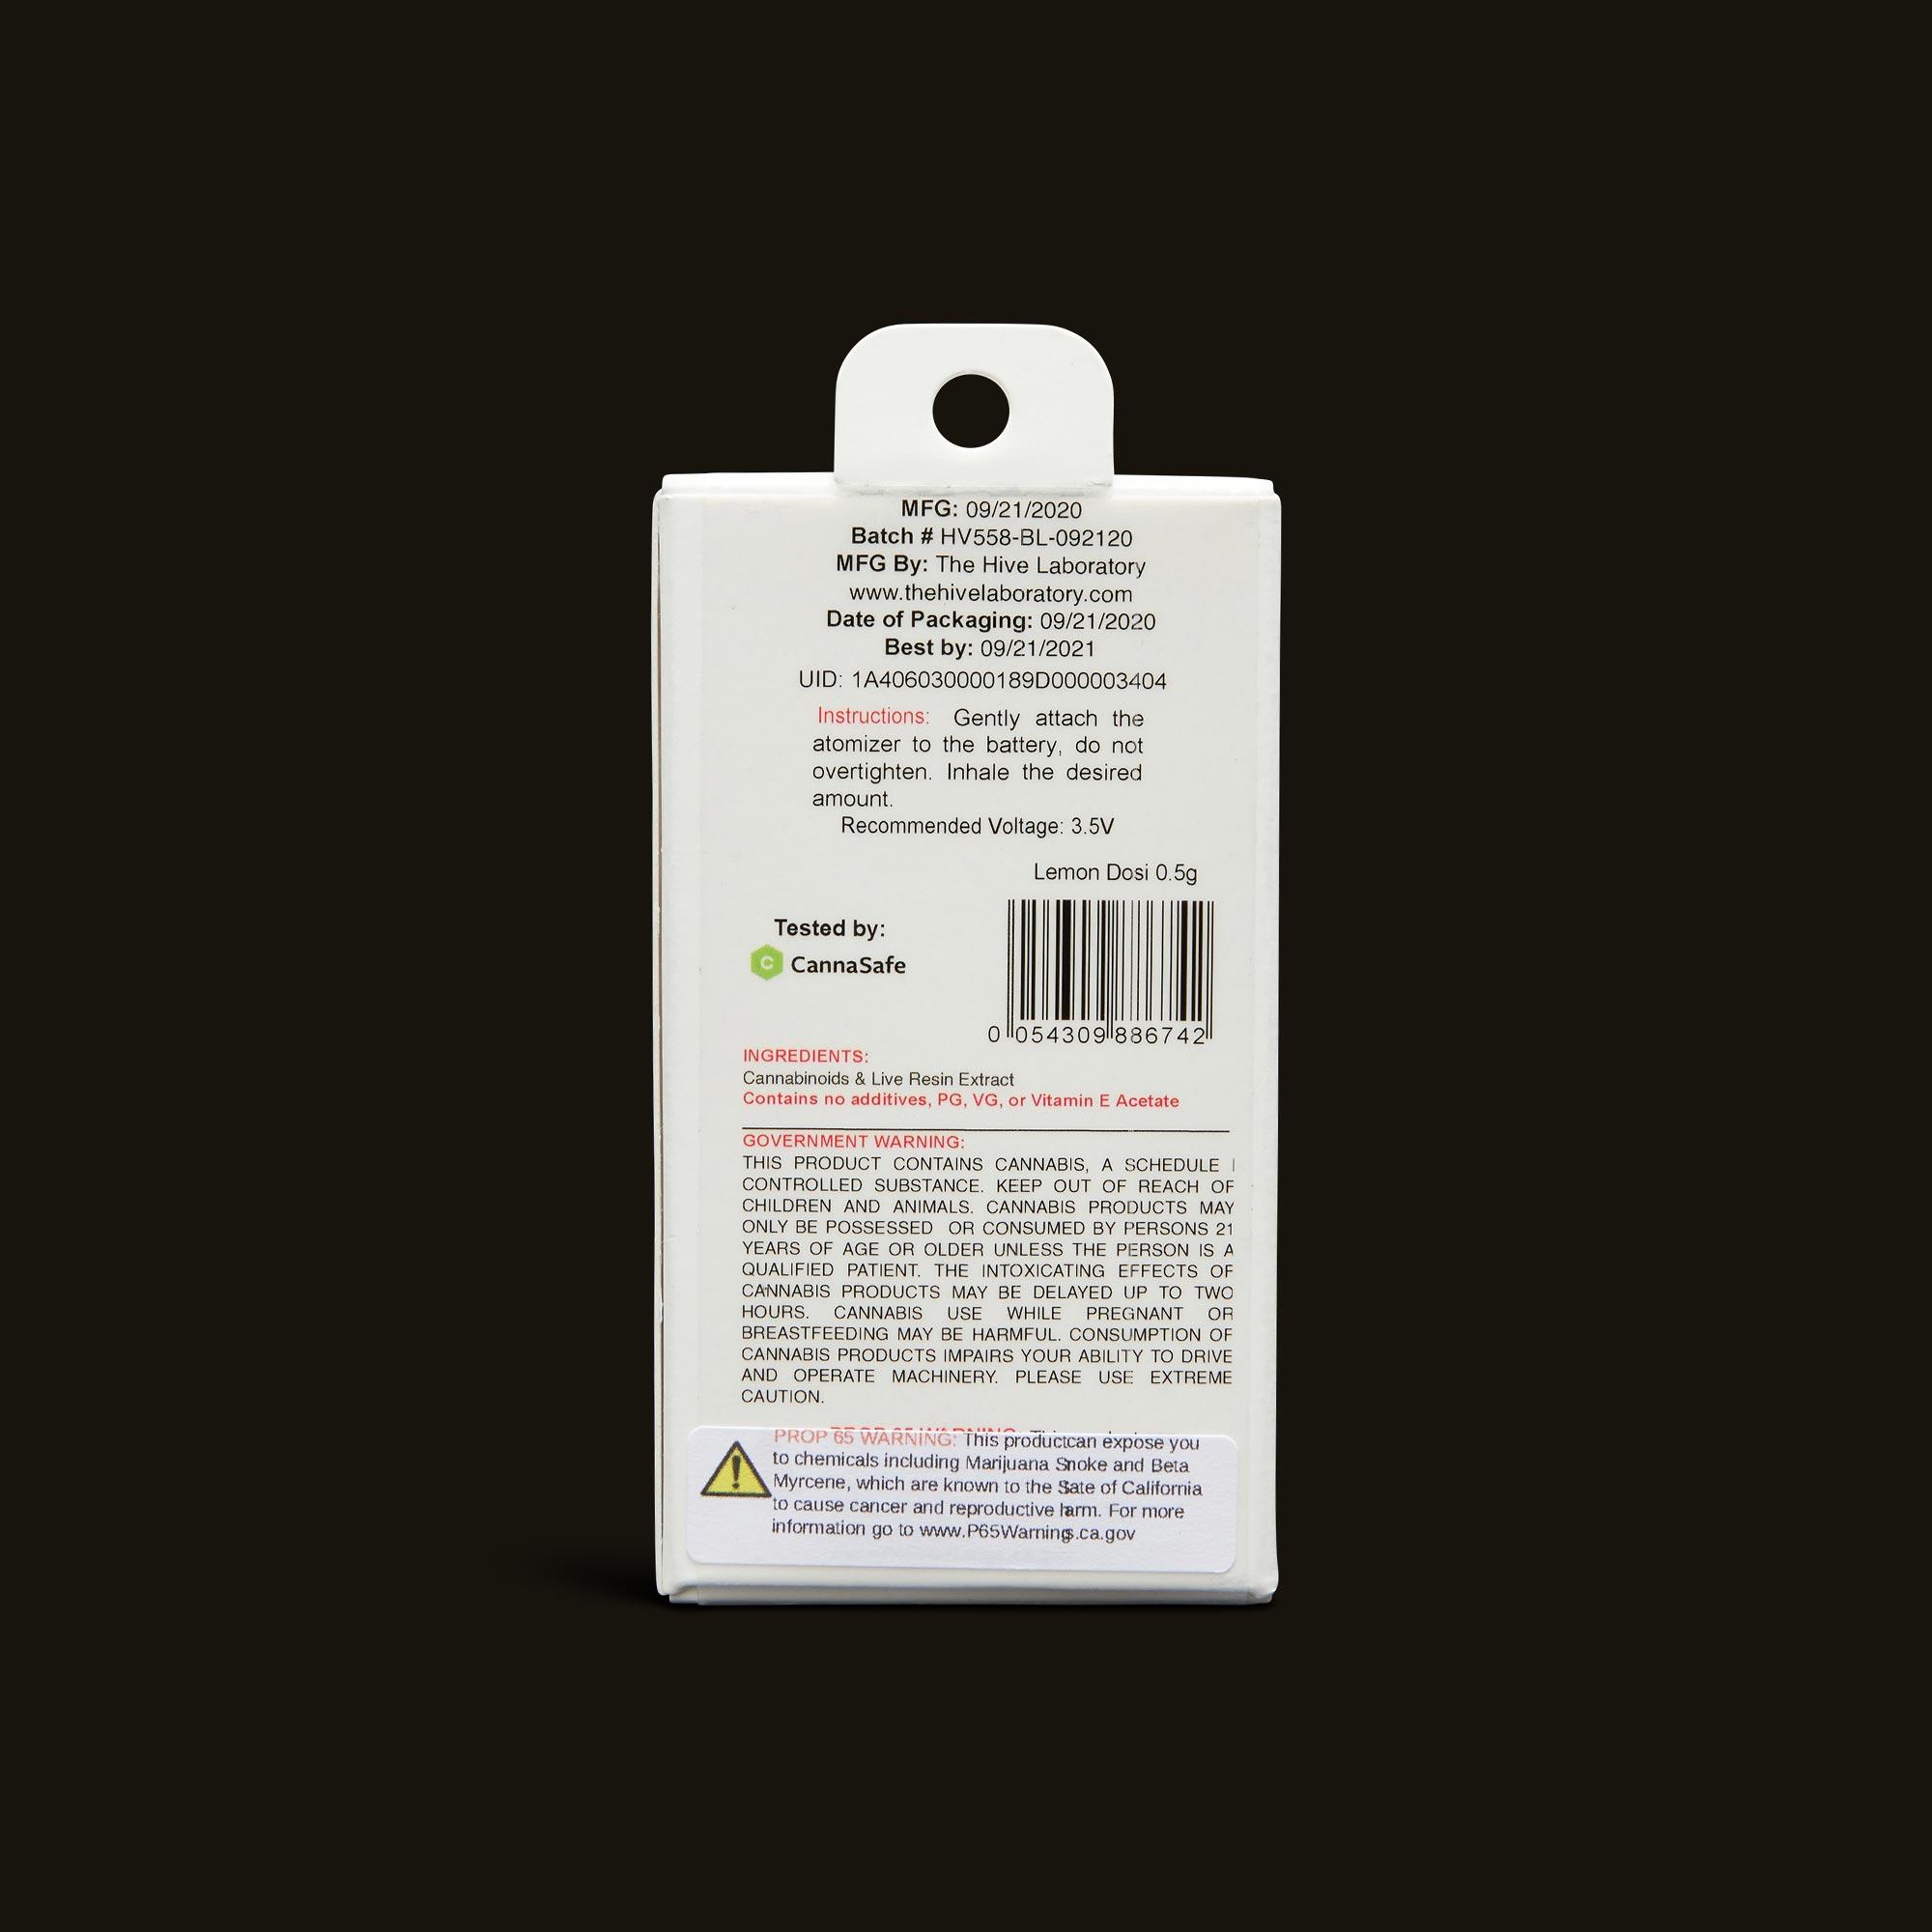 Bloom Brands Vape Pen - Lemon Dosi Live Resin Cartridge - .5g